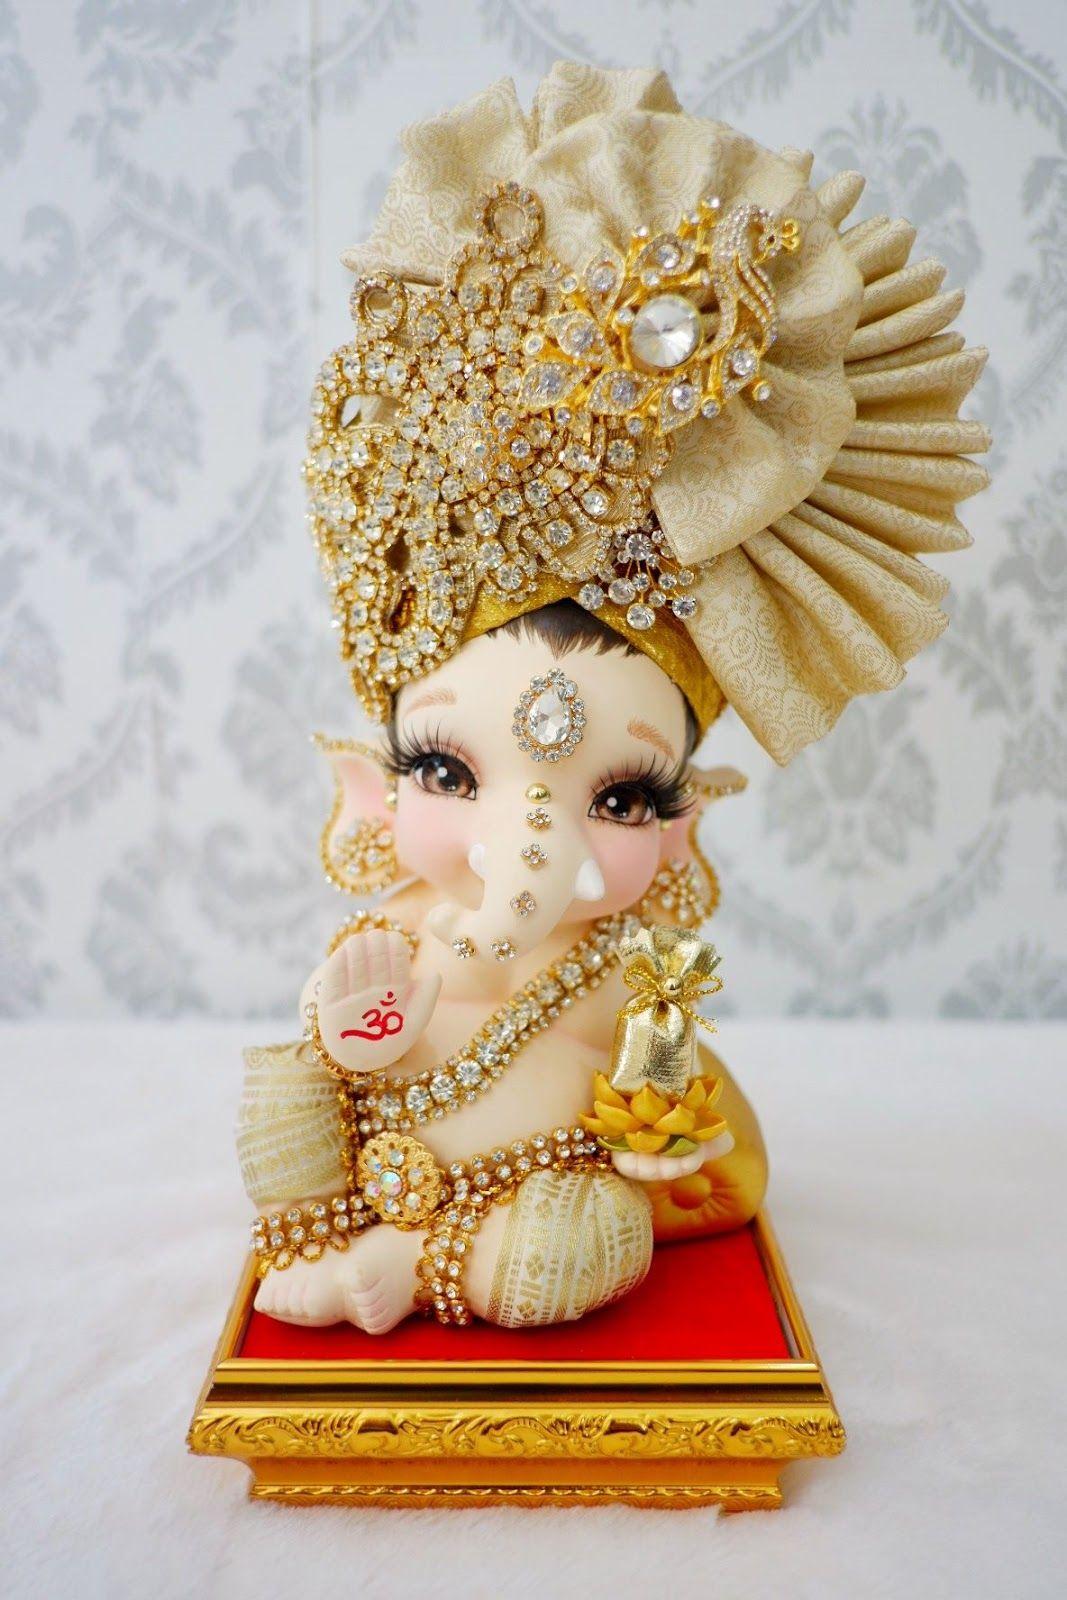 Pin By Pranshi Sharma On Adorable Baby Ganesha